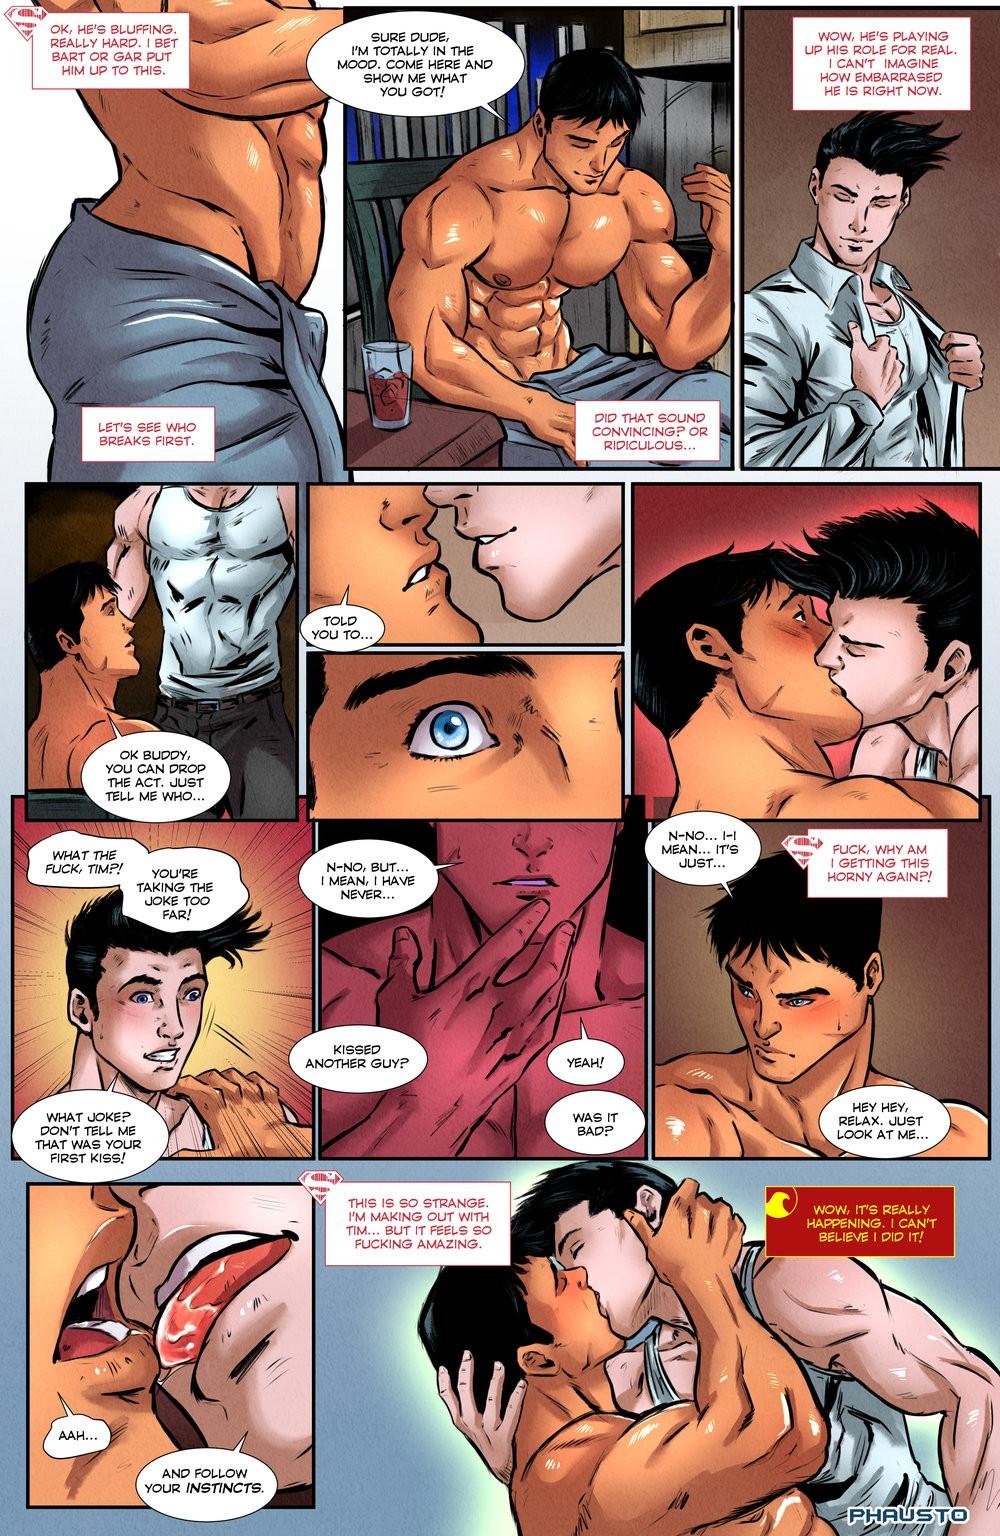 Gay porno comix